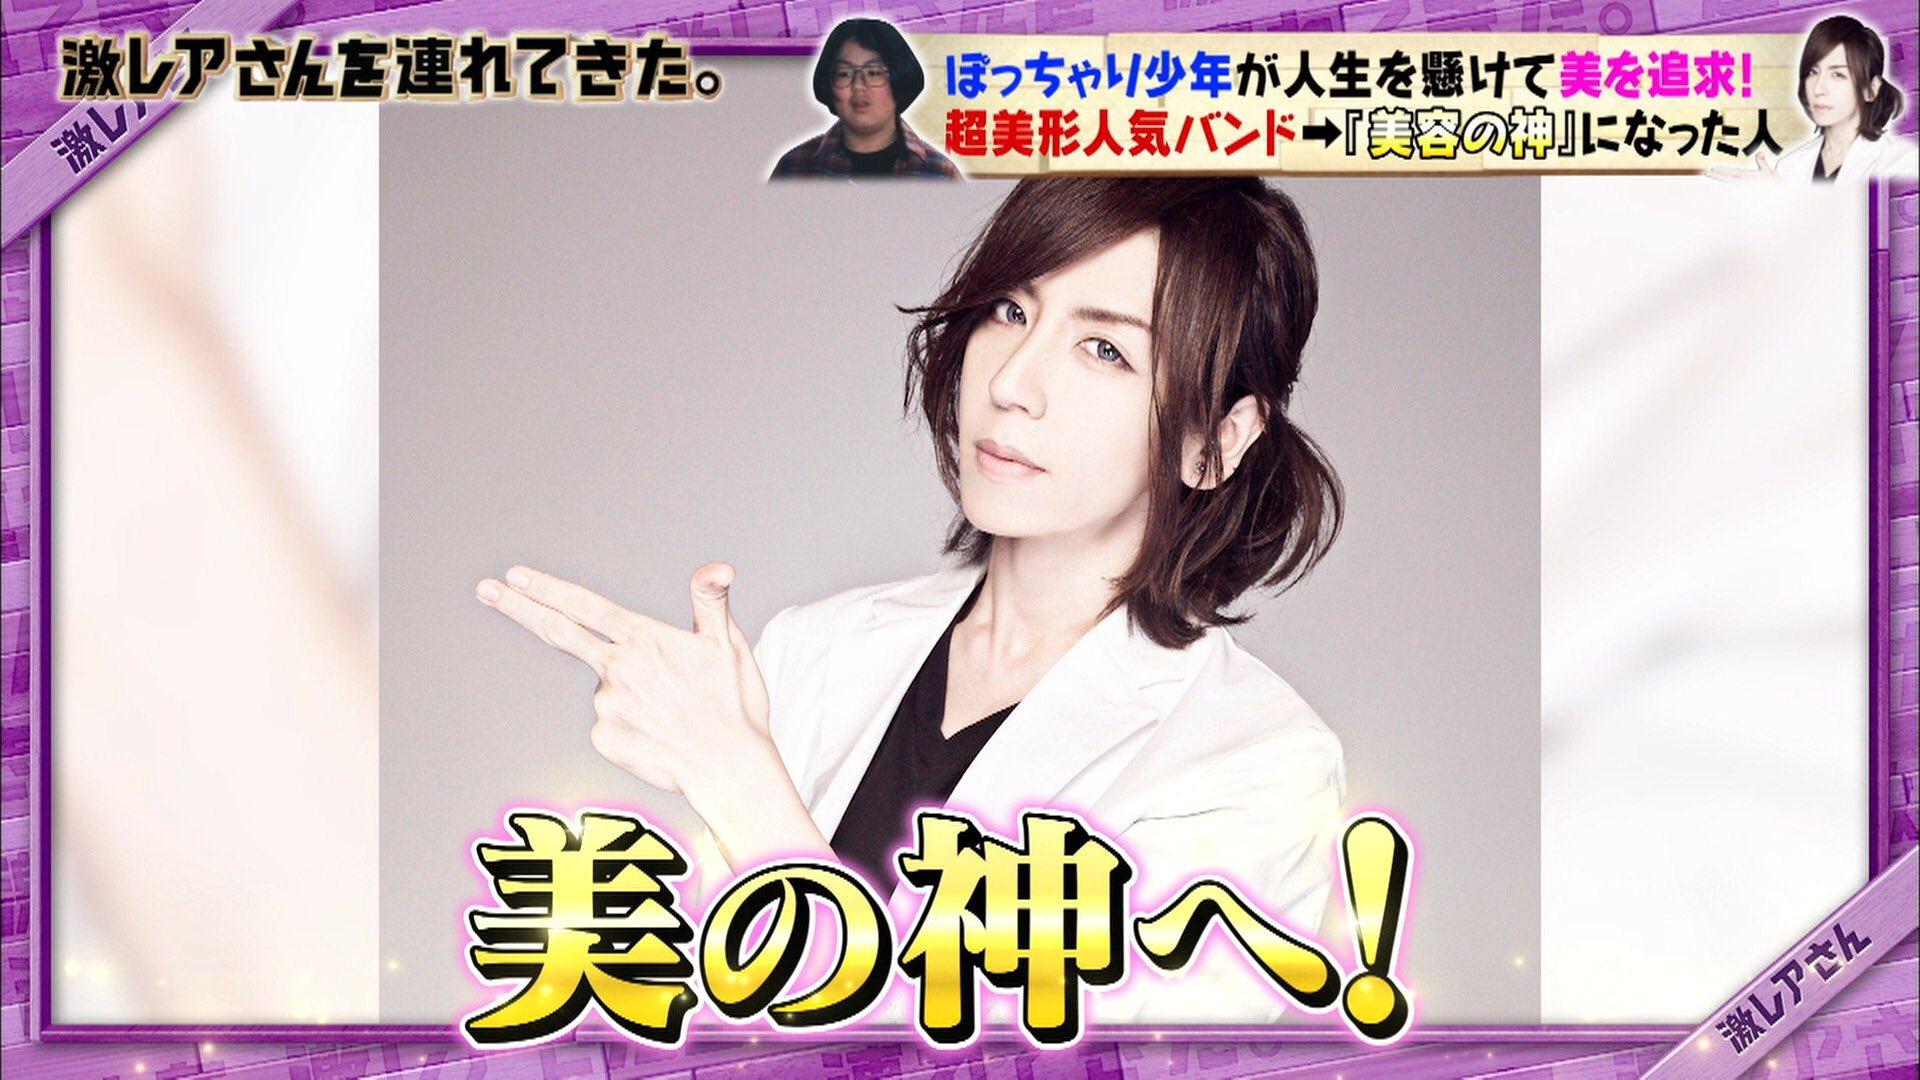 激レアさんヒィロ(田村貴博)年収やWiki経歴がやばい!NEUベーシストでエステサロンのオーナー!